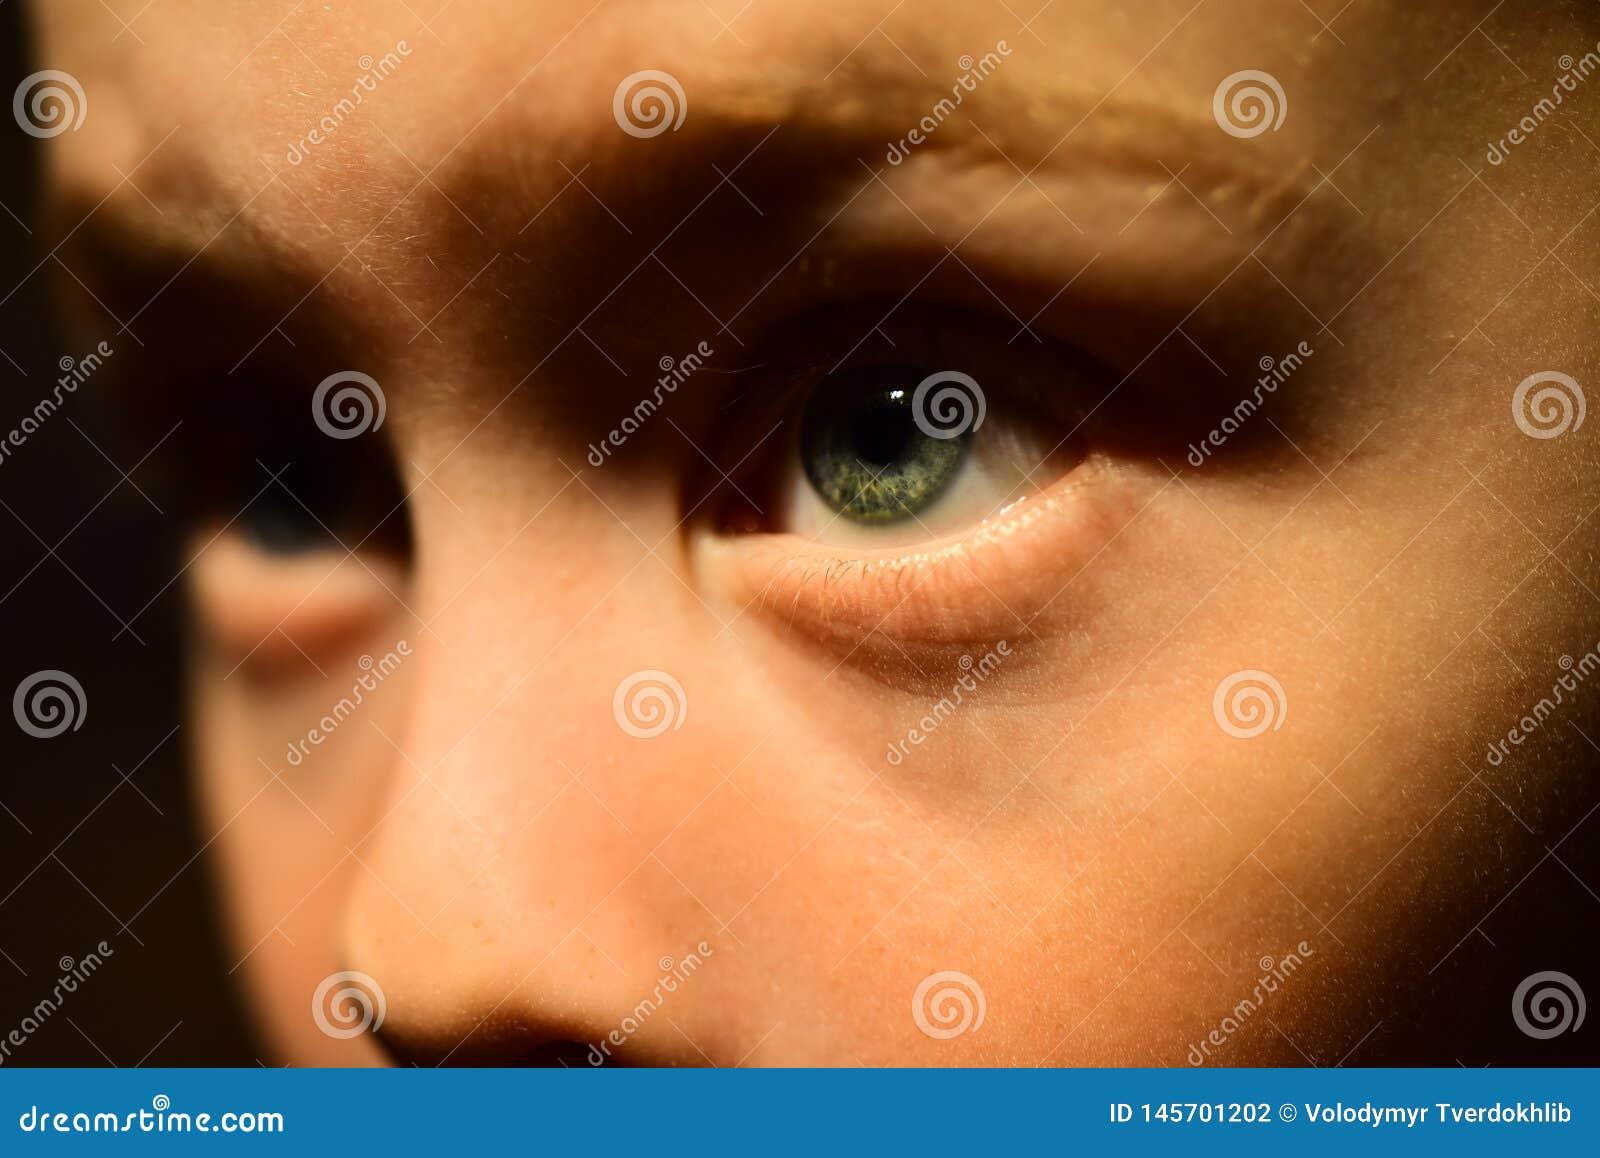 Jag har dålig synförmåga Ögonläkare att ordinera den korrigerande linsen Pys med fattig ögonsikt Liten lins för pojkekläderkontak